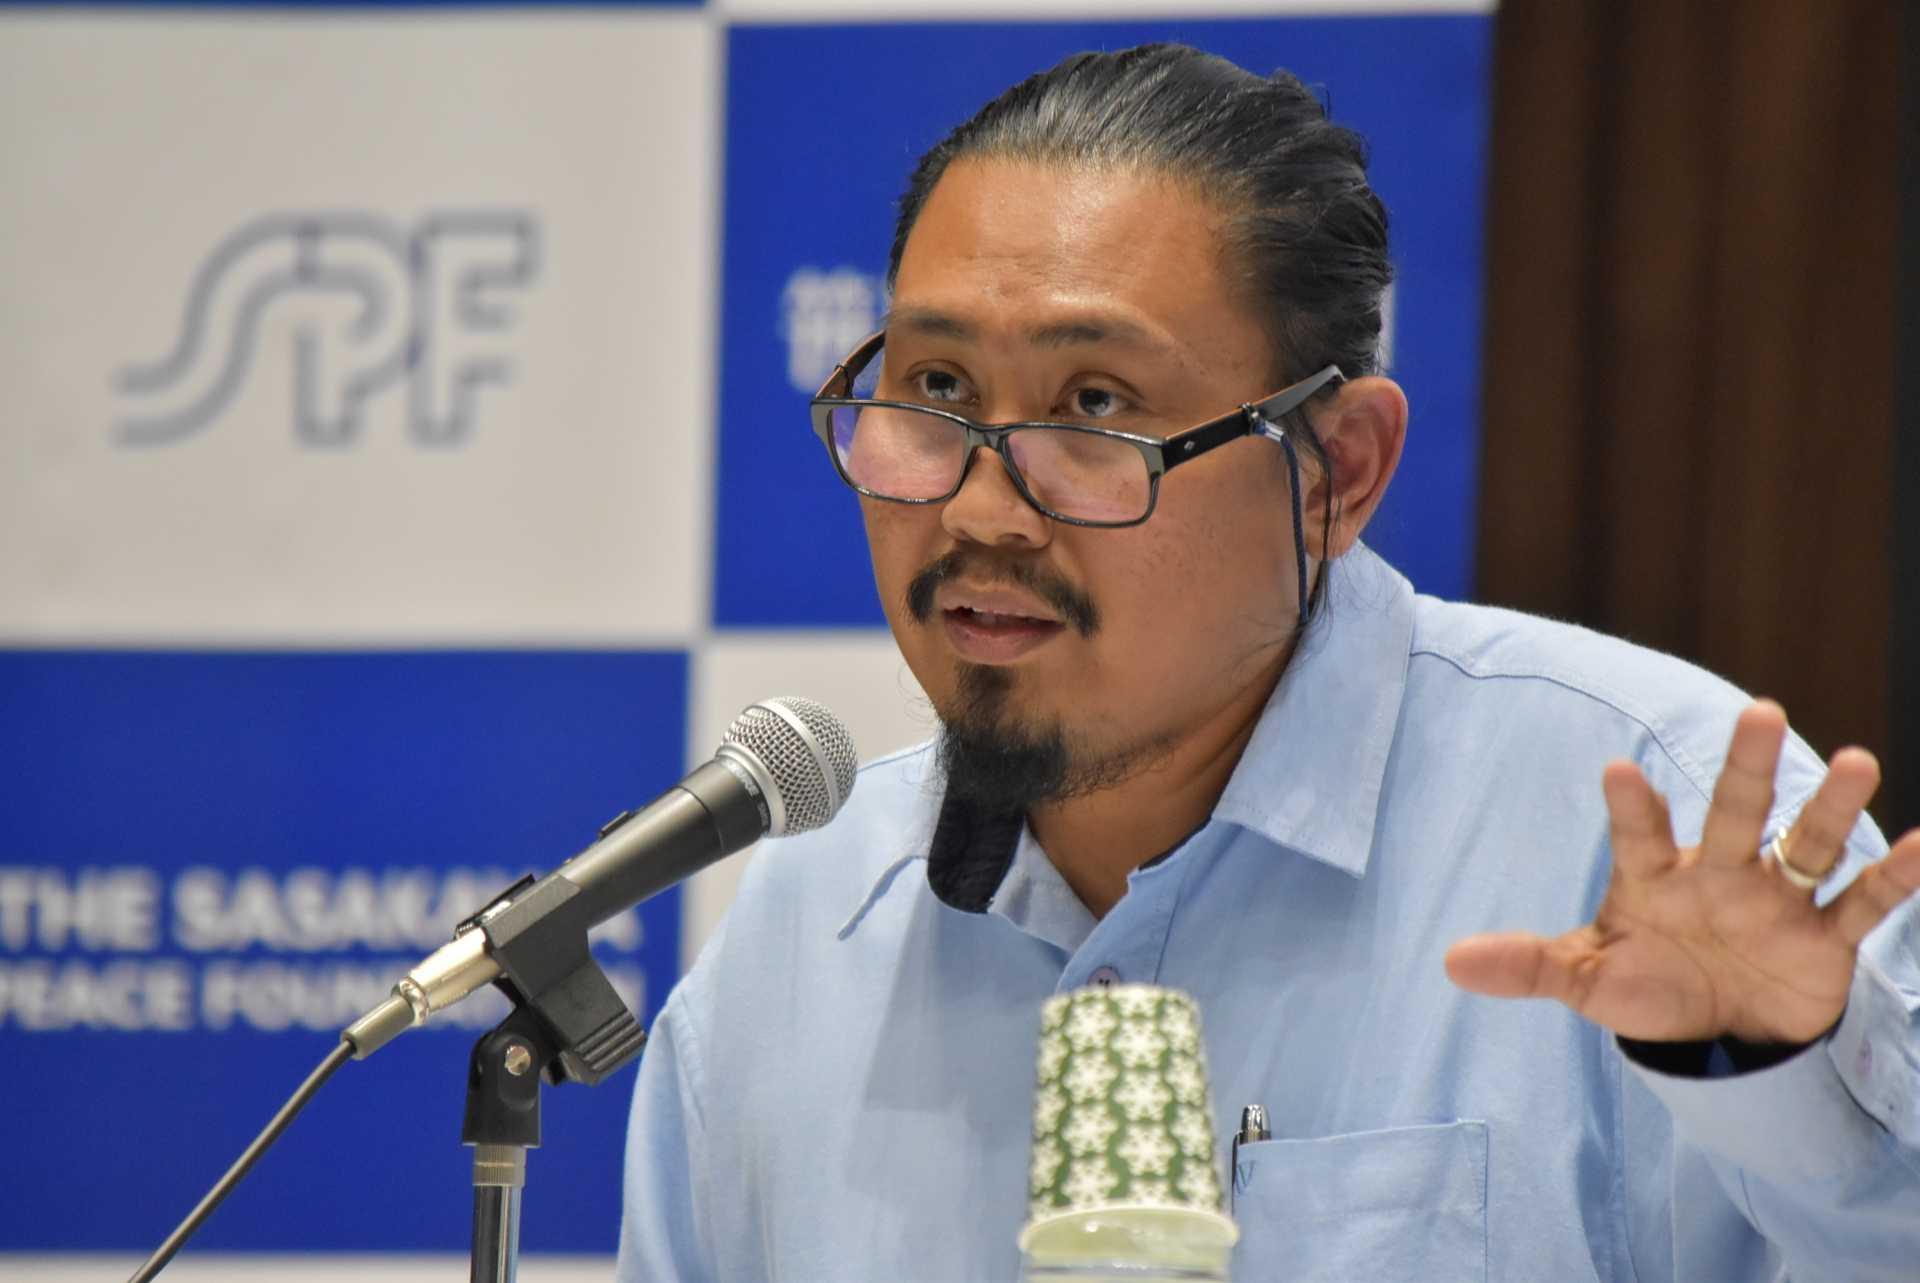 マレーシアの民主化の行方などについて語るファイザル・テヘラーニ氏